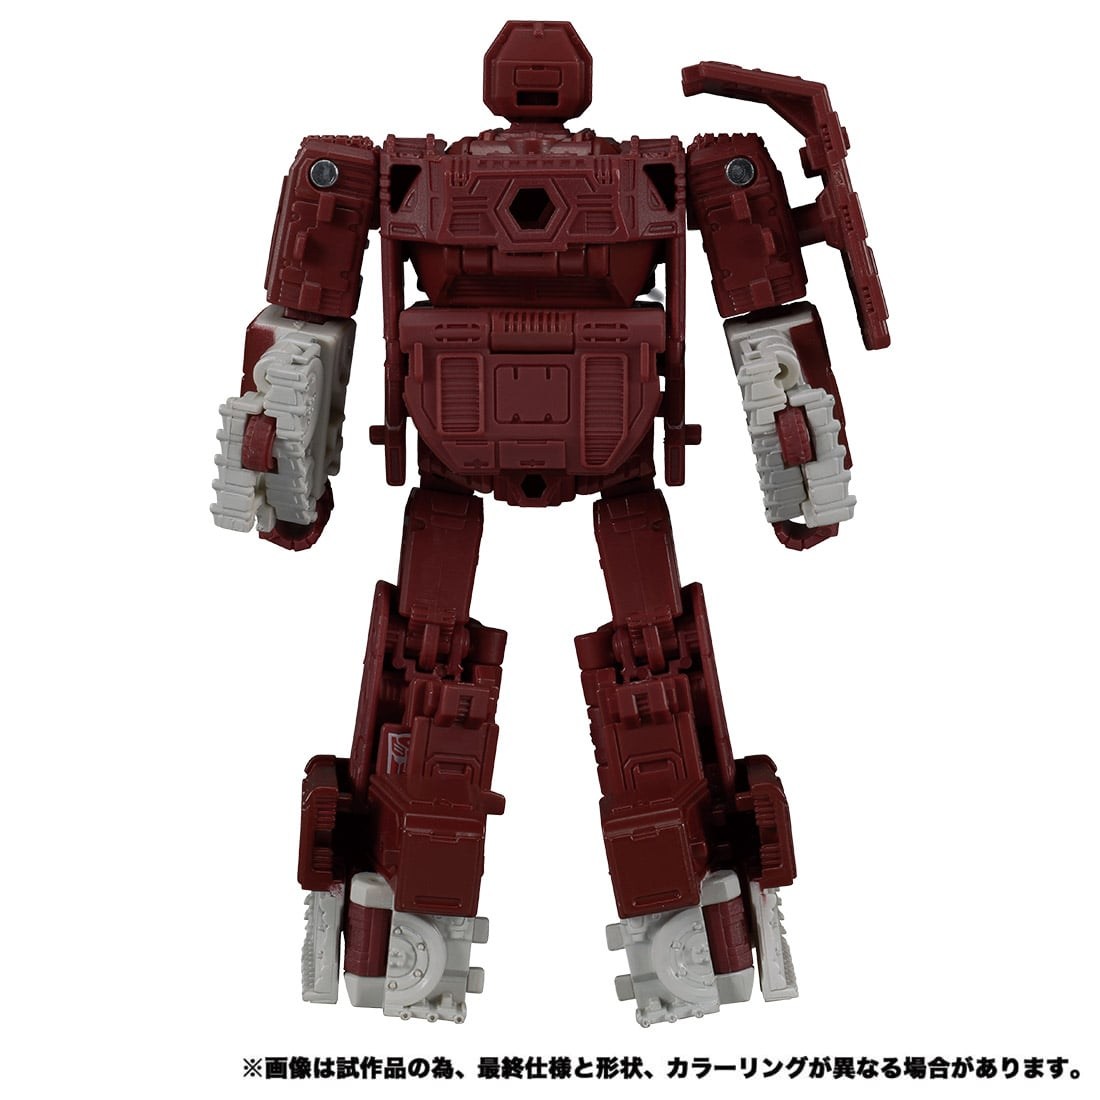 トランスフォーマー キングダム『KD-06 オートボットワーパス』可変可動フィギュア-006